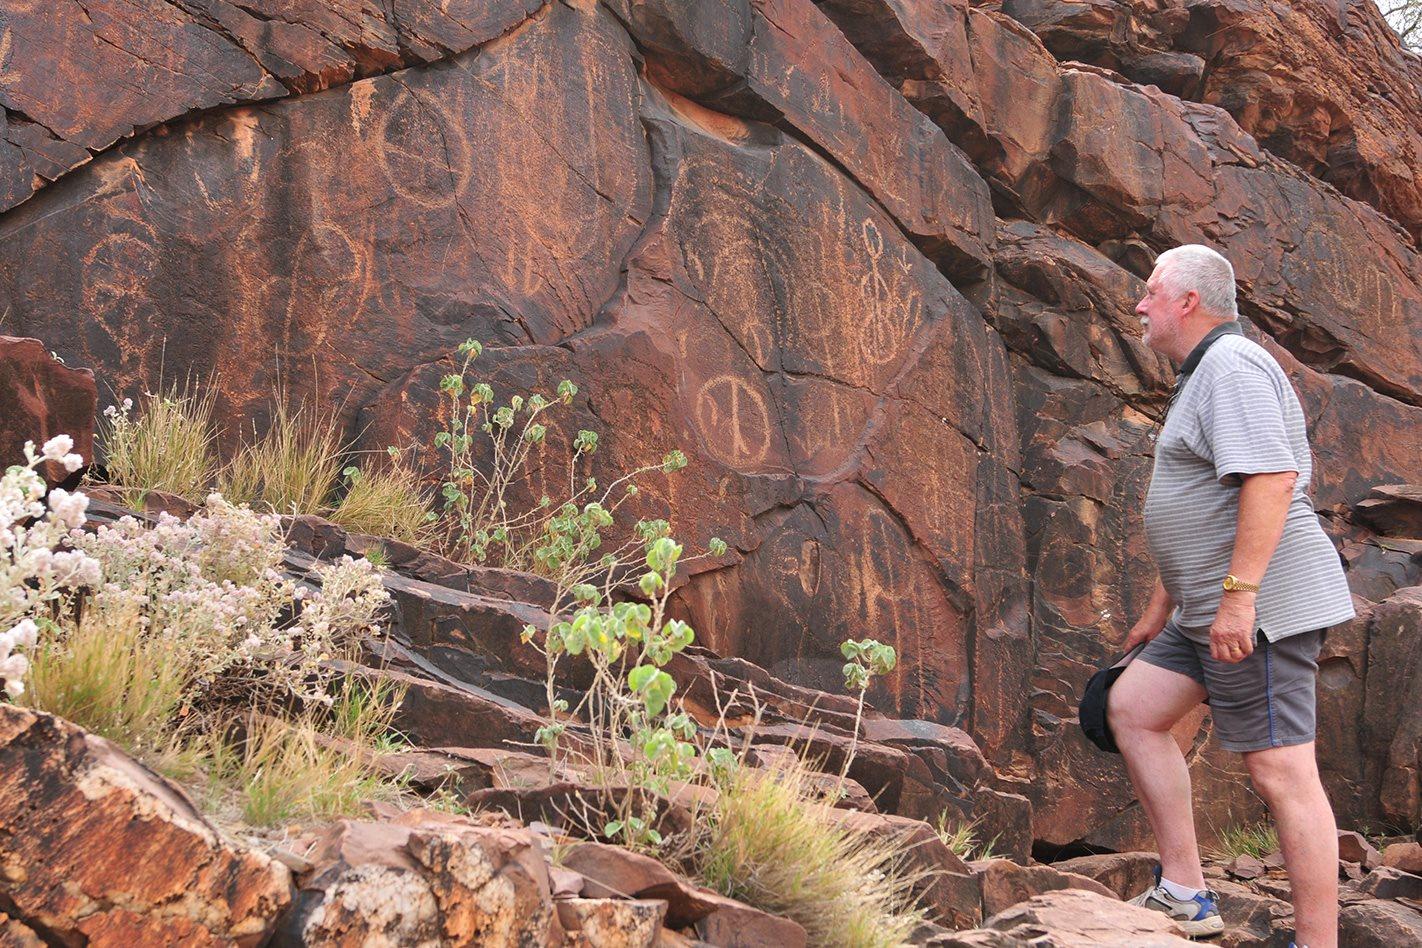 Chambers-Gorge-rock-cravings,-Flinders-Ranges.jpg